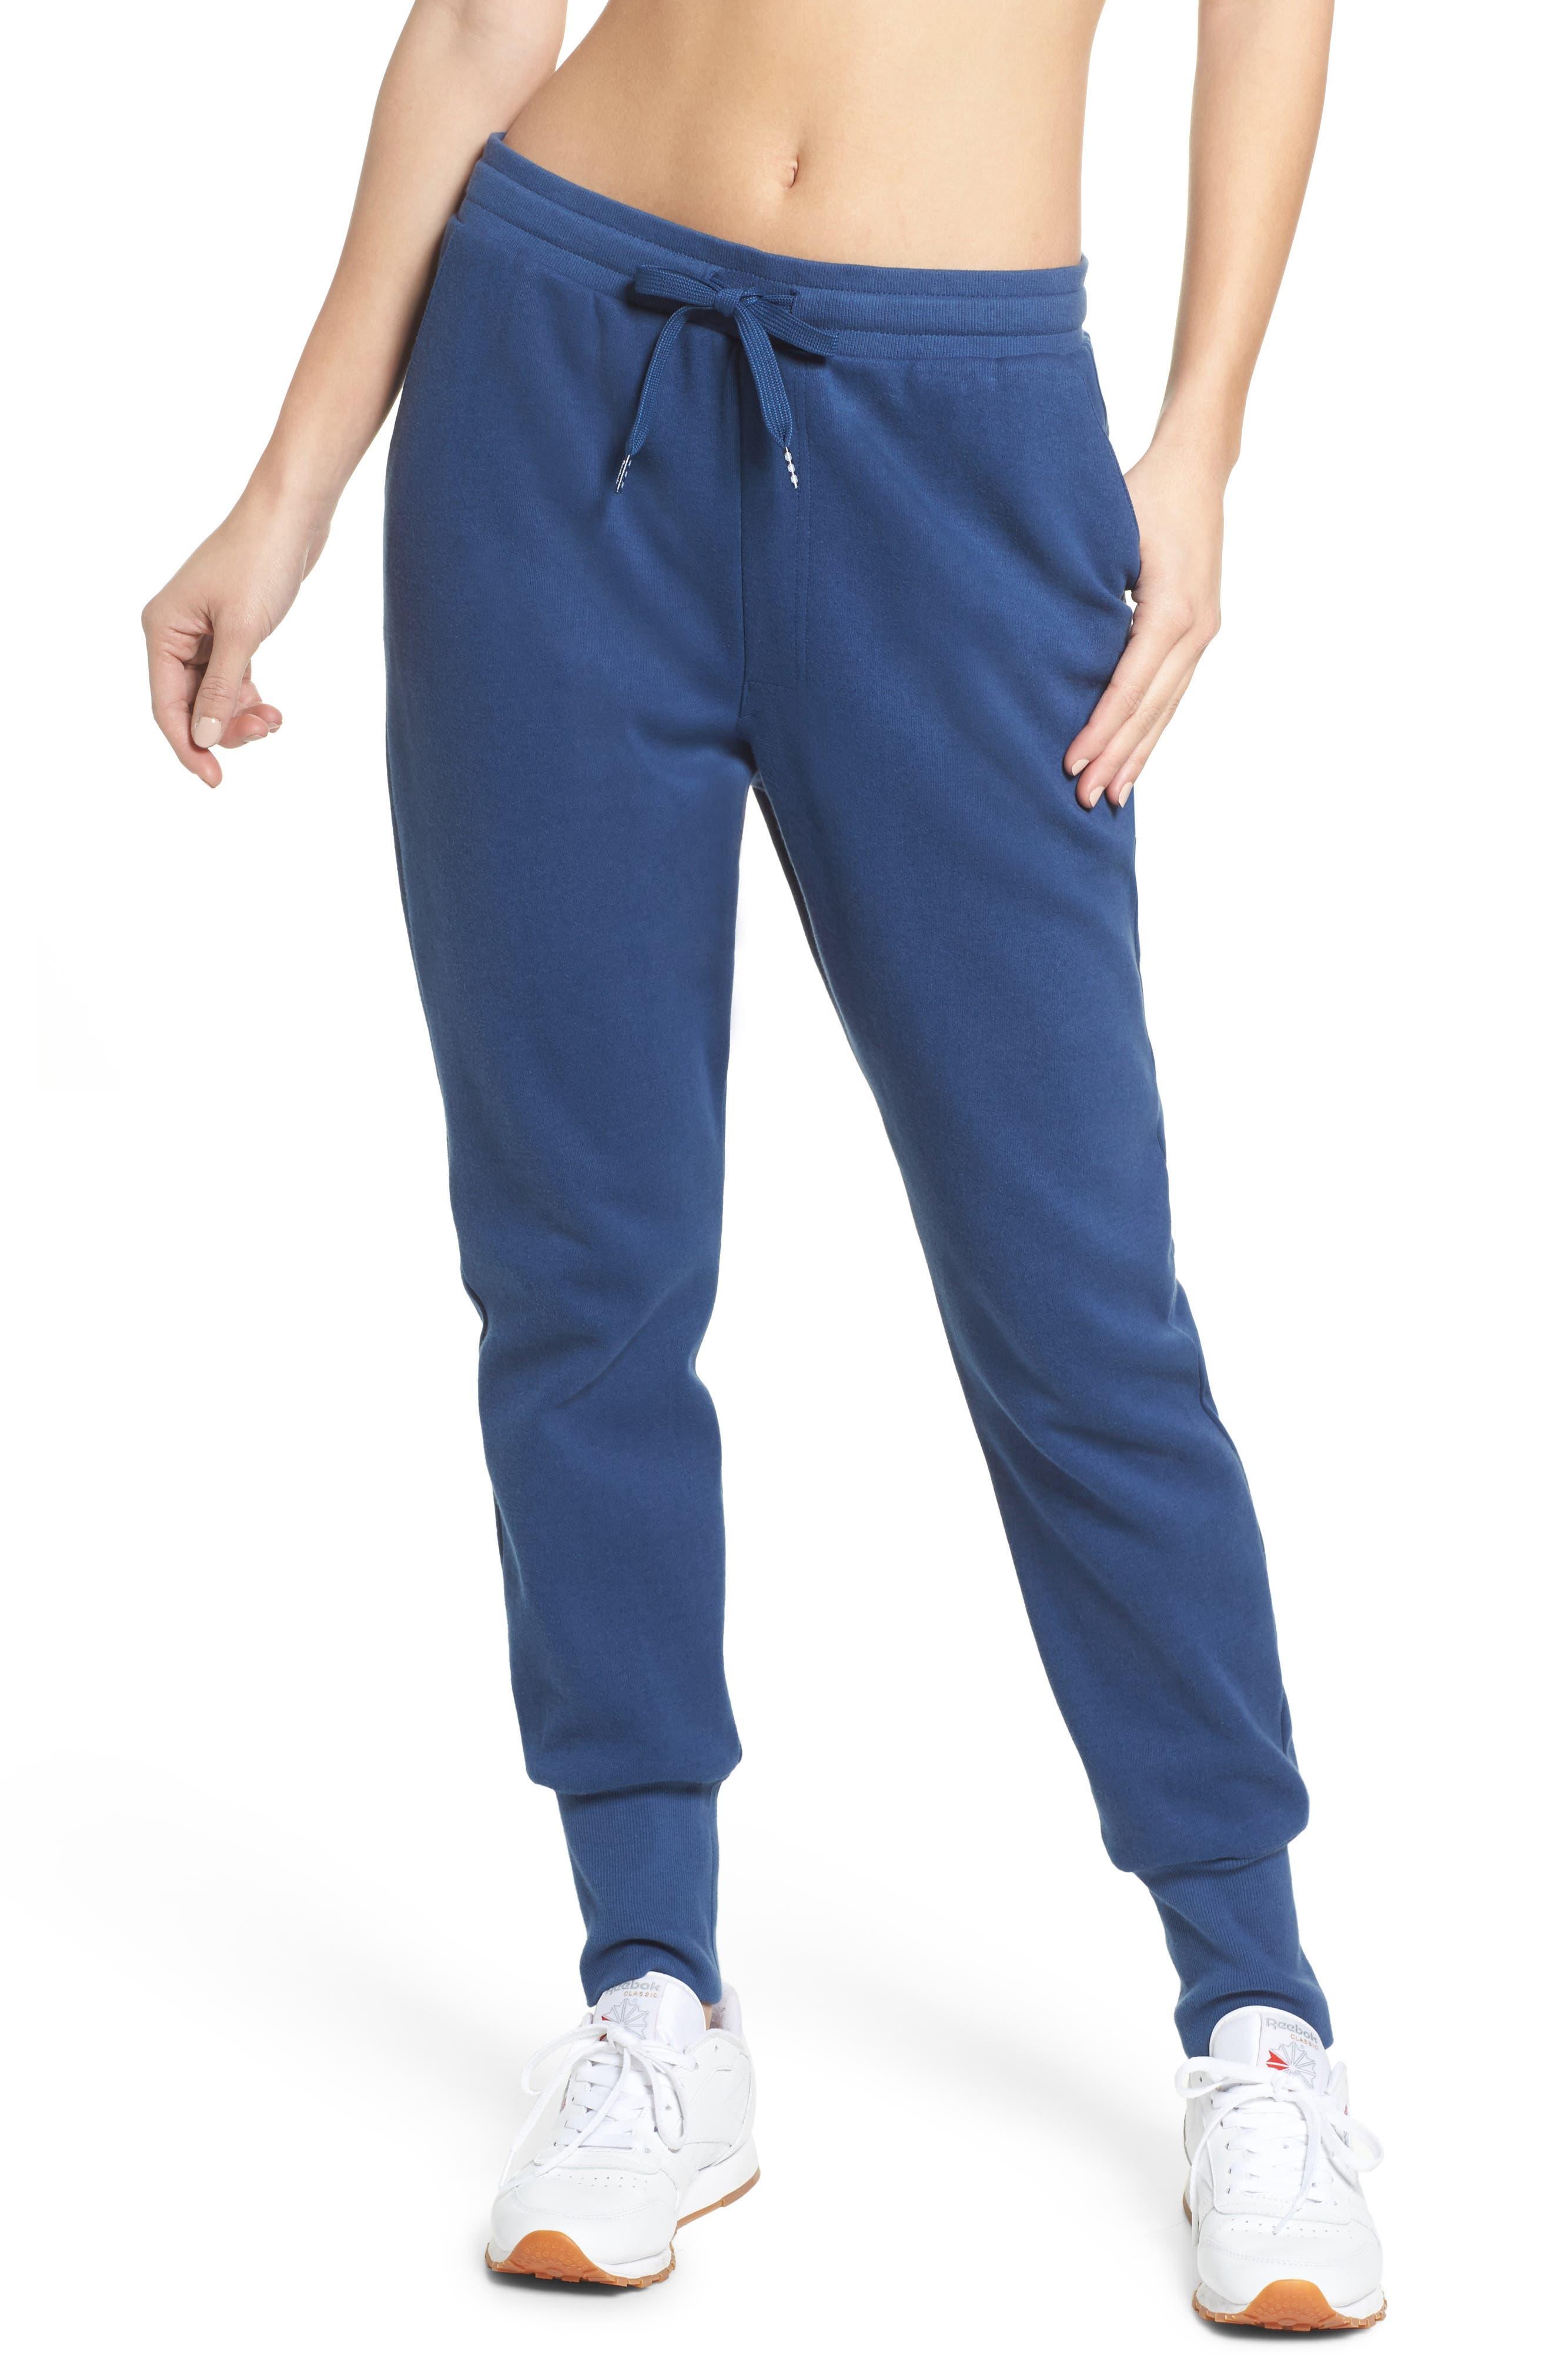 DC Jogger Pants,                         Main,                         color, 404